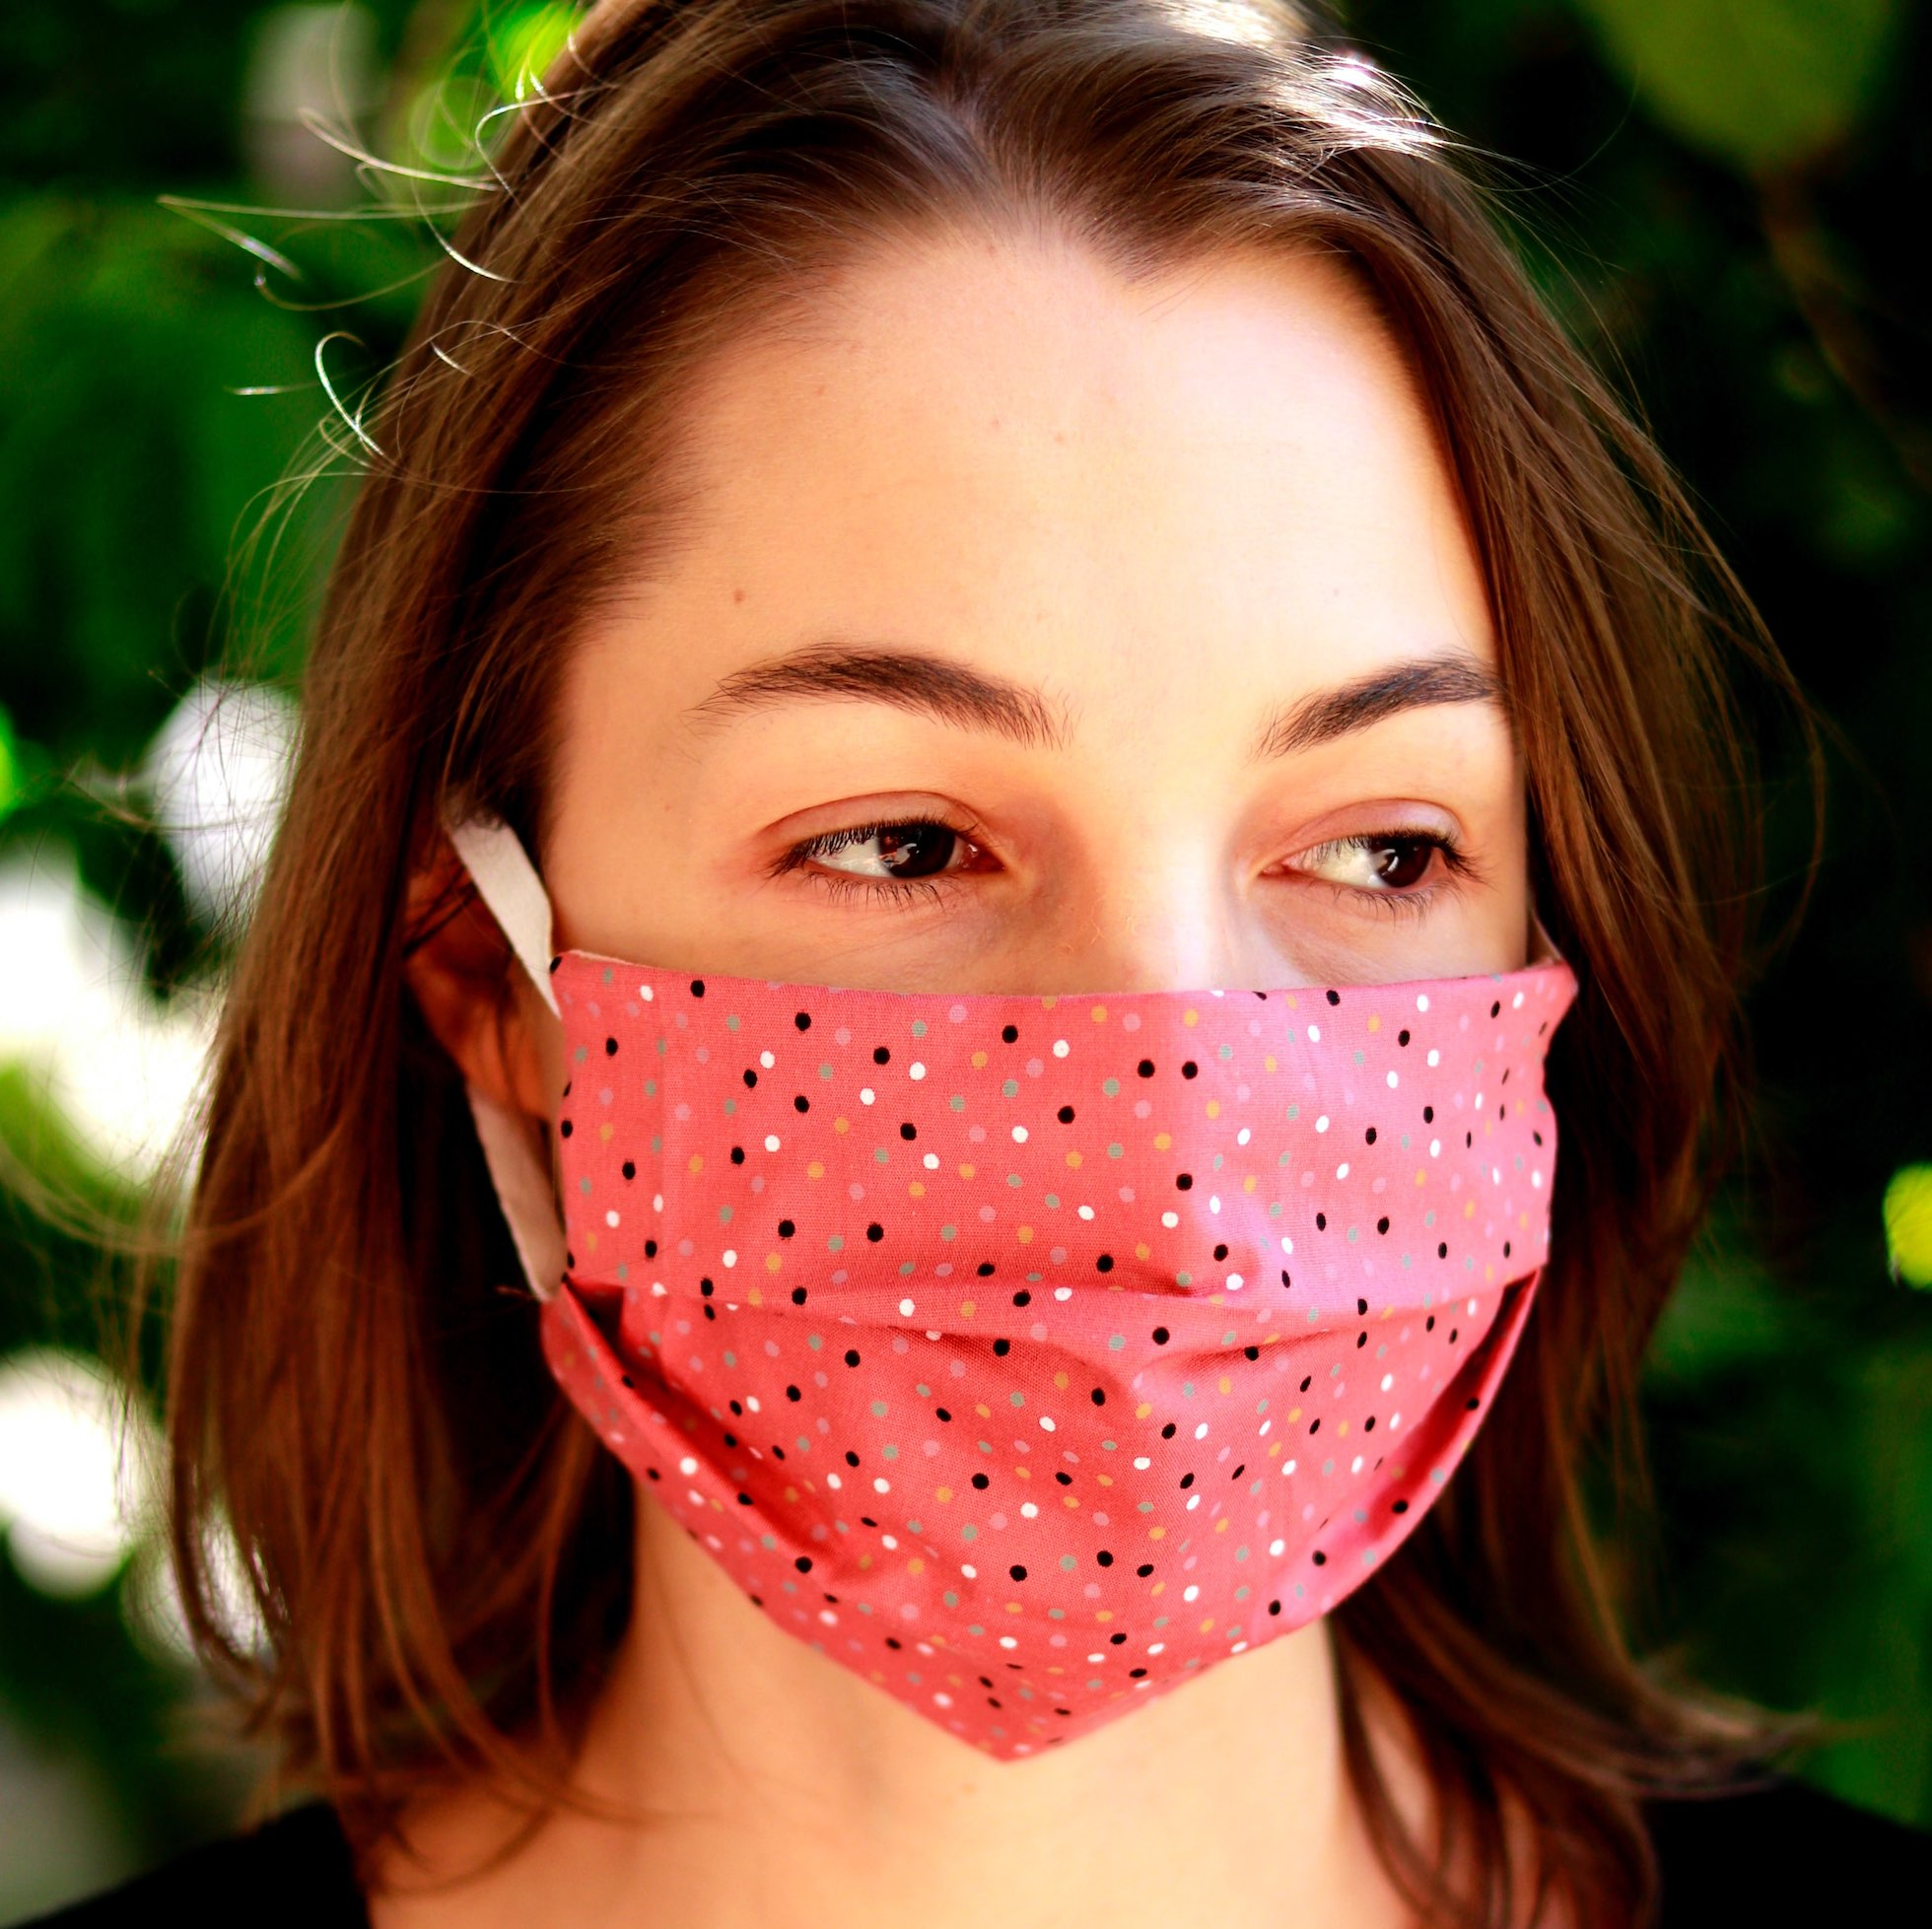 woman wearing a fabric mask